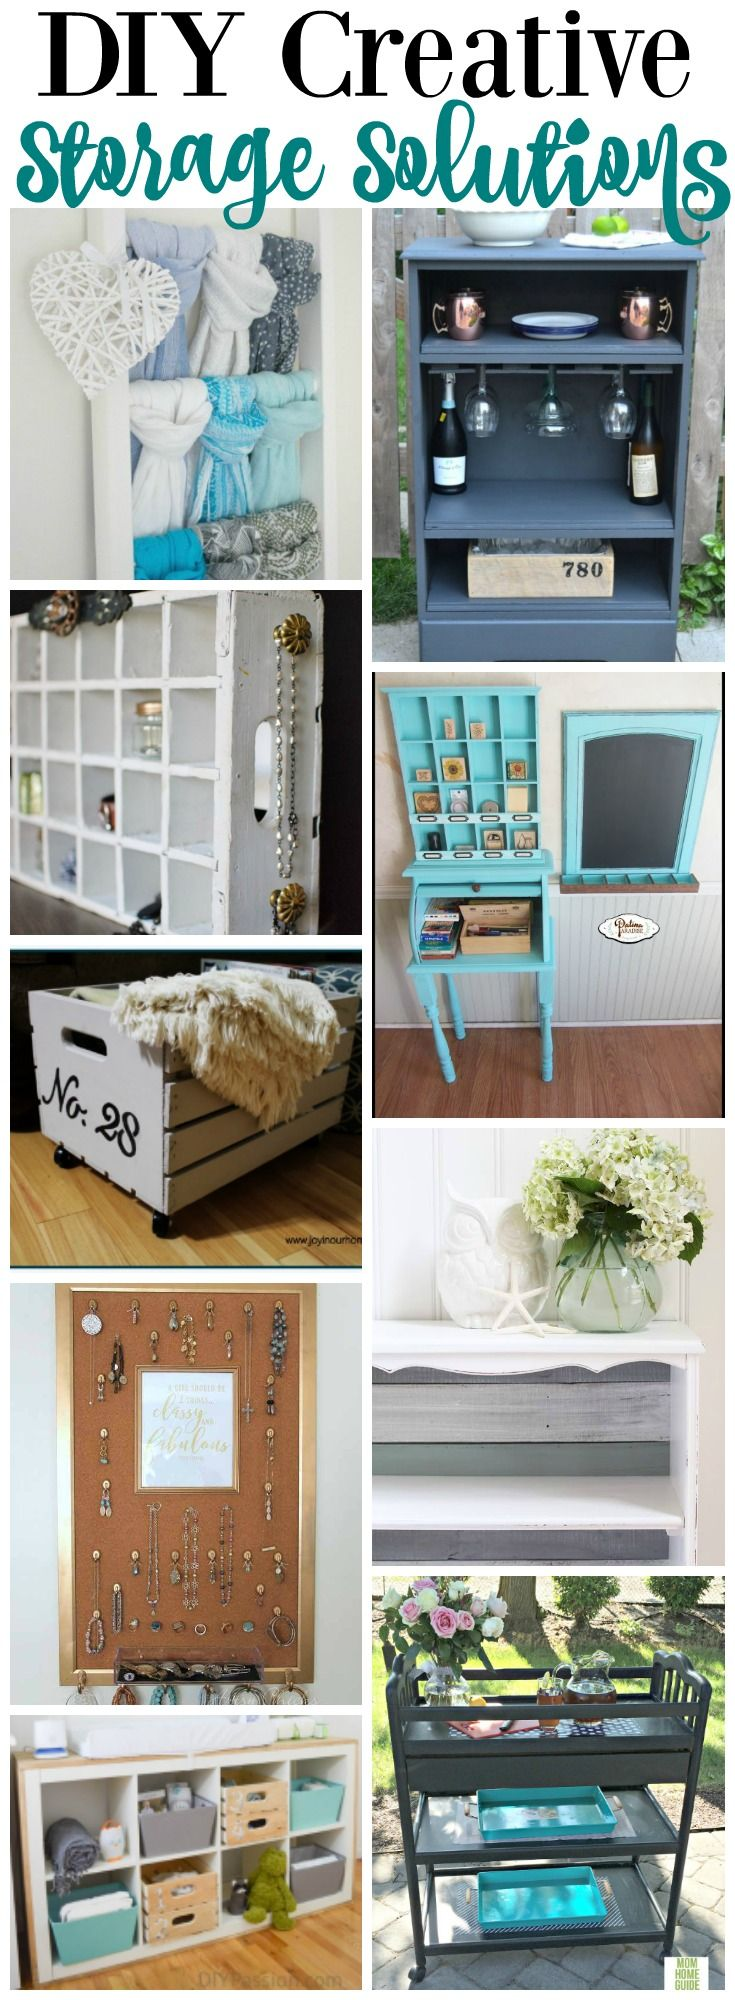 Best 25+ Creative storage ideas on Pinterest   Shelves, Diy storage shelves  and Hung angles - Best 25+ Creative Storage Ideas On Pinterest Shelves, Diy